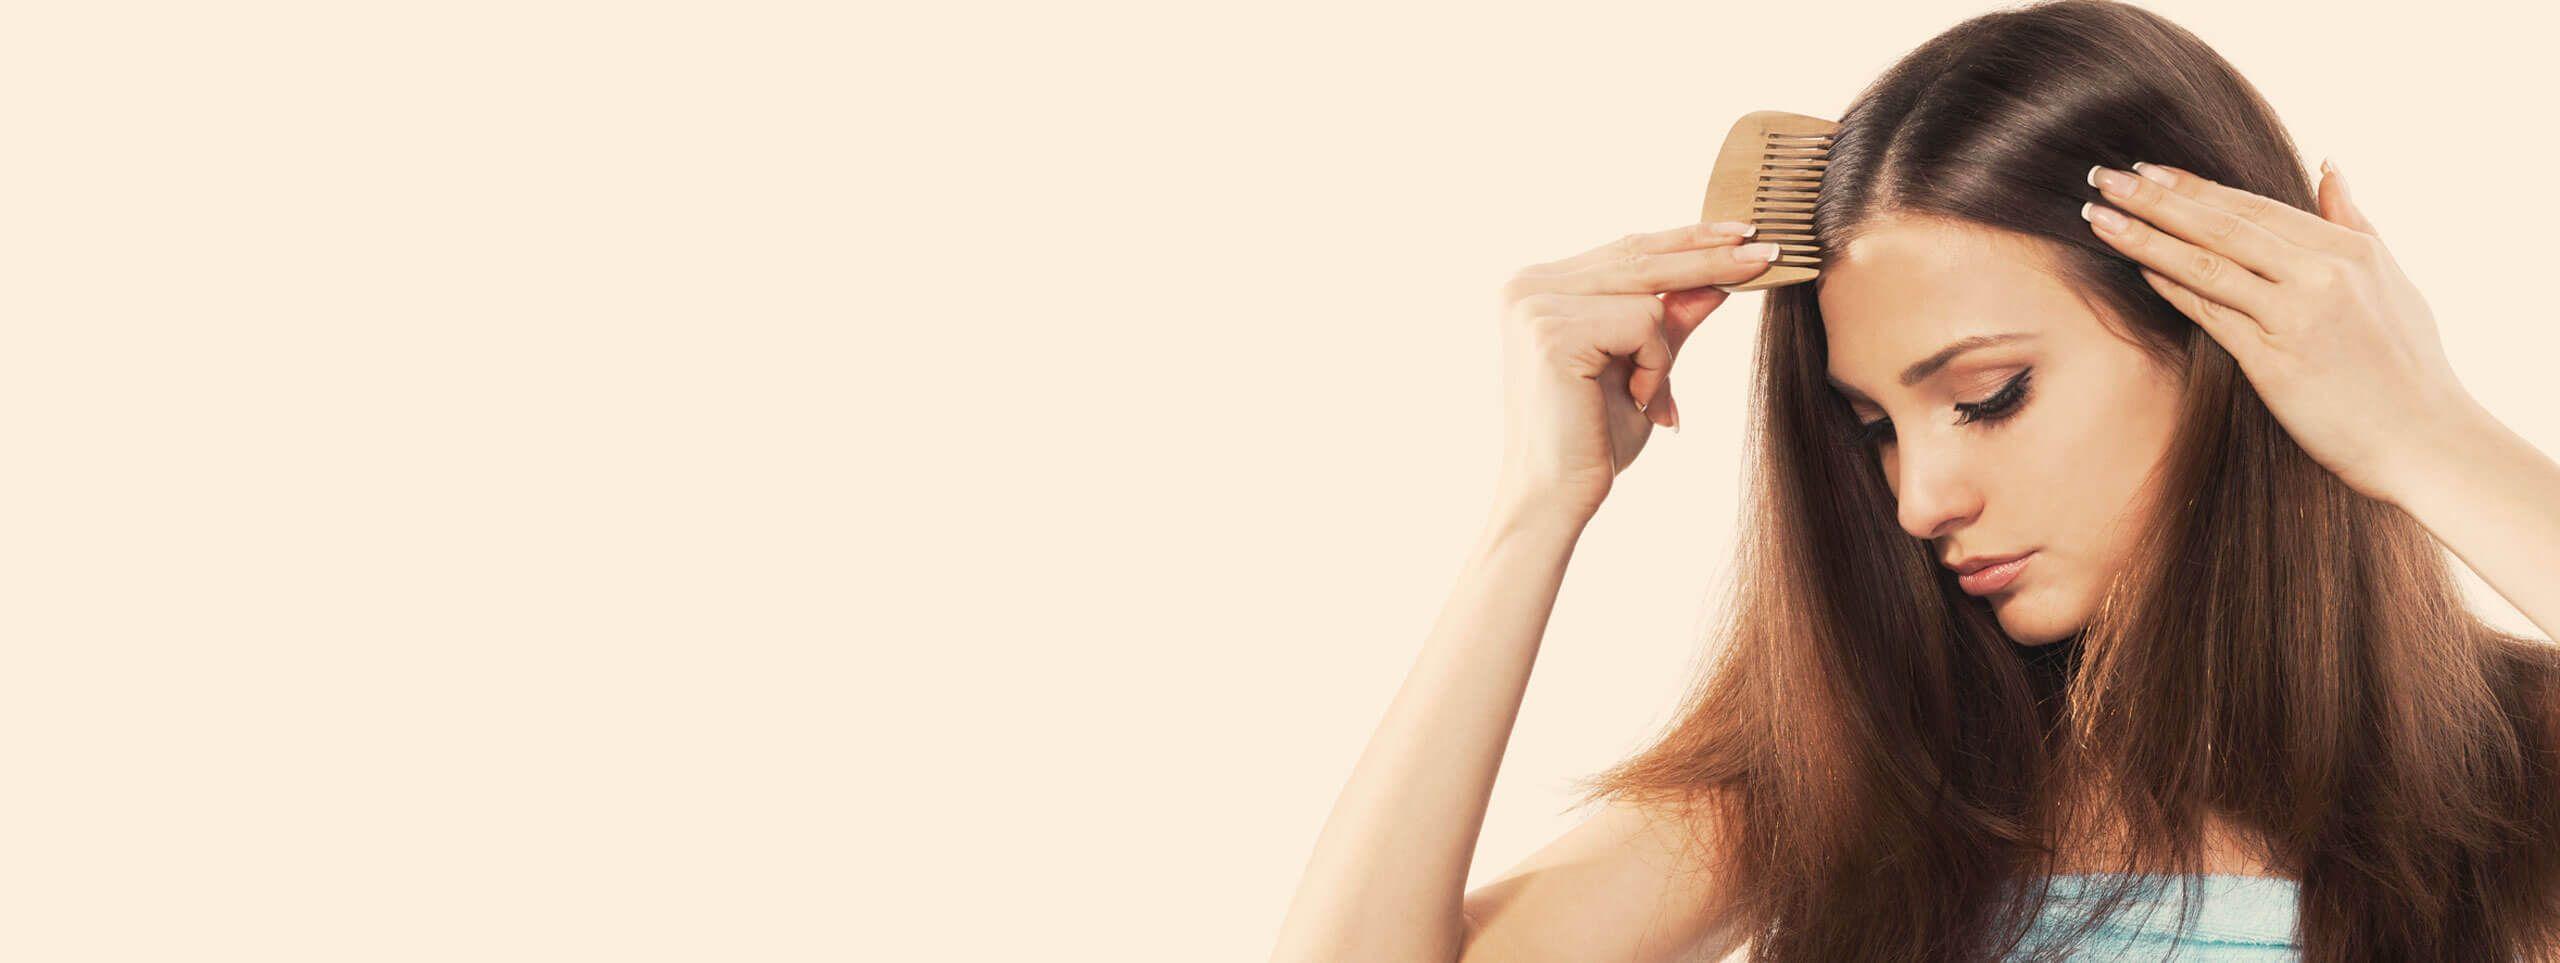 Femme brune se peignant  les cheveux